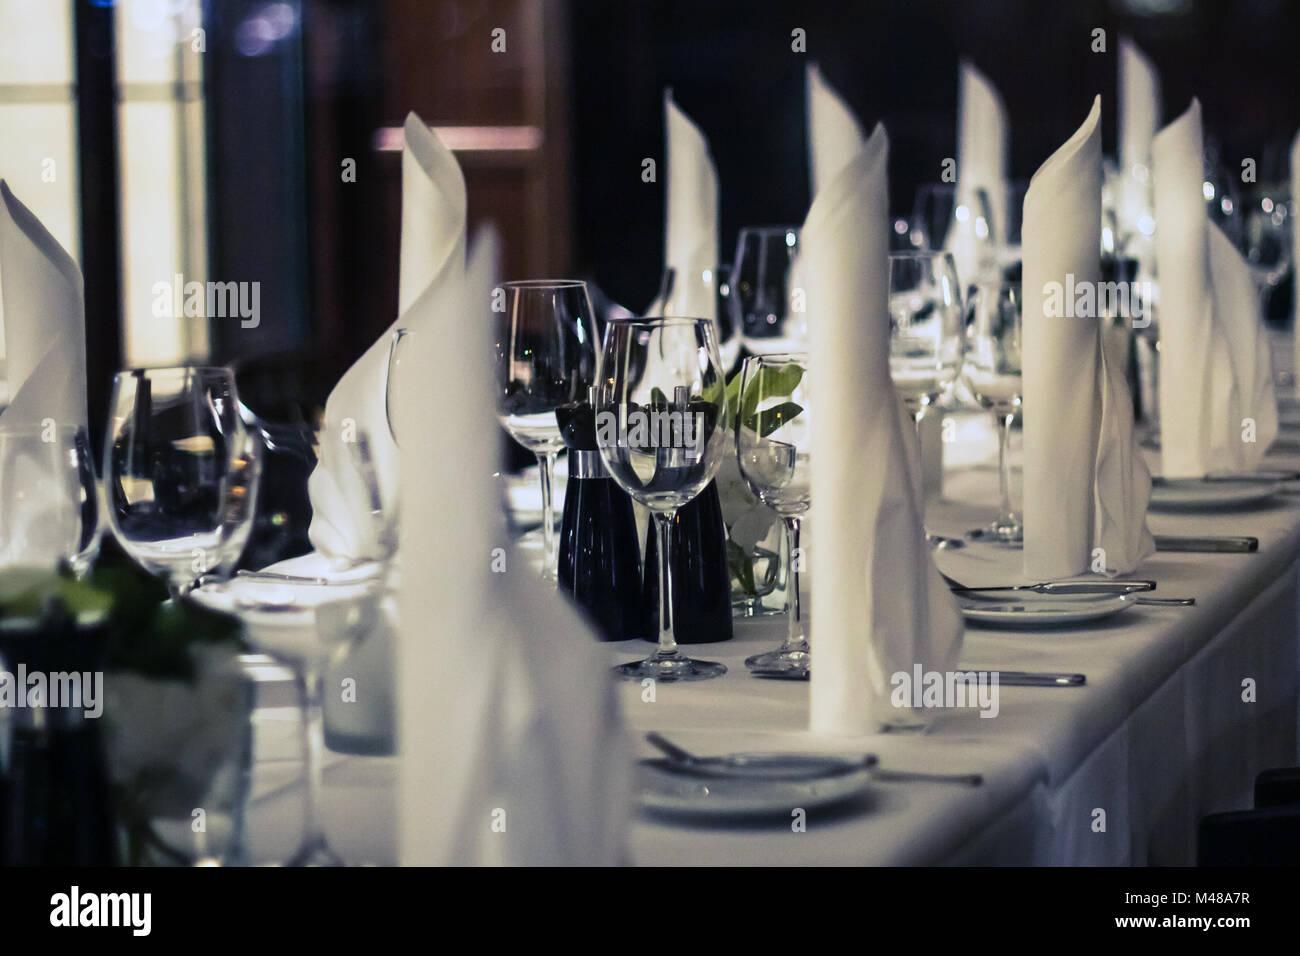 Decorate a tavola - ristorante ambiente nozione Immagini Stock